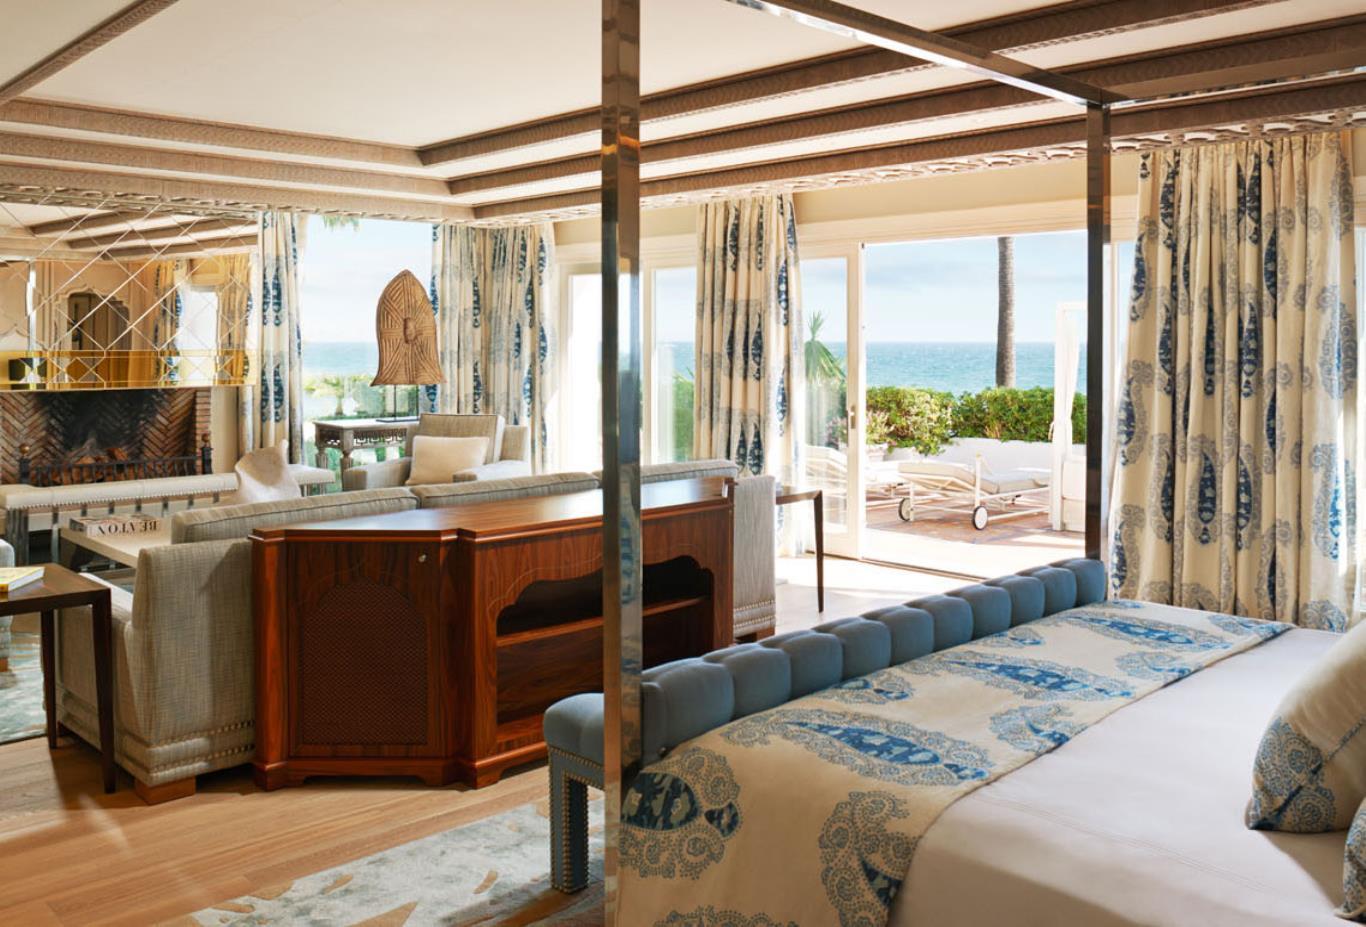 Villa Del Mar - Master Suite Bedroom